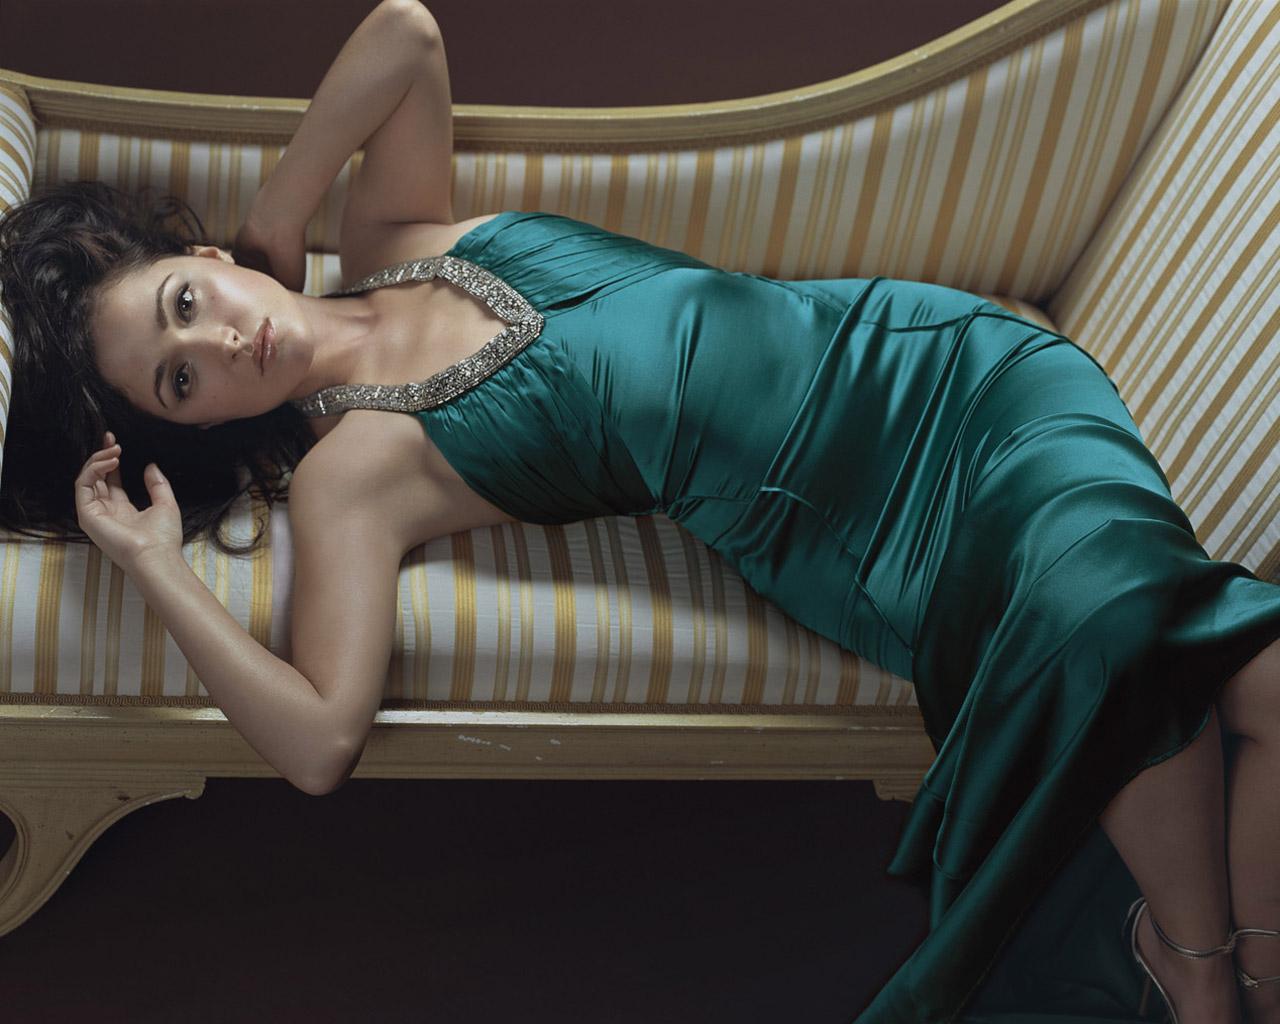 http://2.bp.blogspot.com/-f0upwLUFmbo/Tf4o2xgO-hI/AAAAAAAADhk/YbPMGabQ2Rw/s1600/Rose-Byrne-Wallpaper-2.jpg